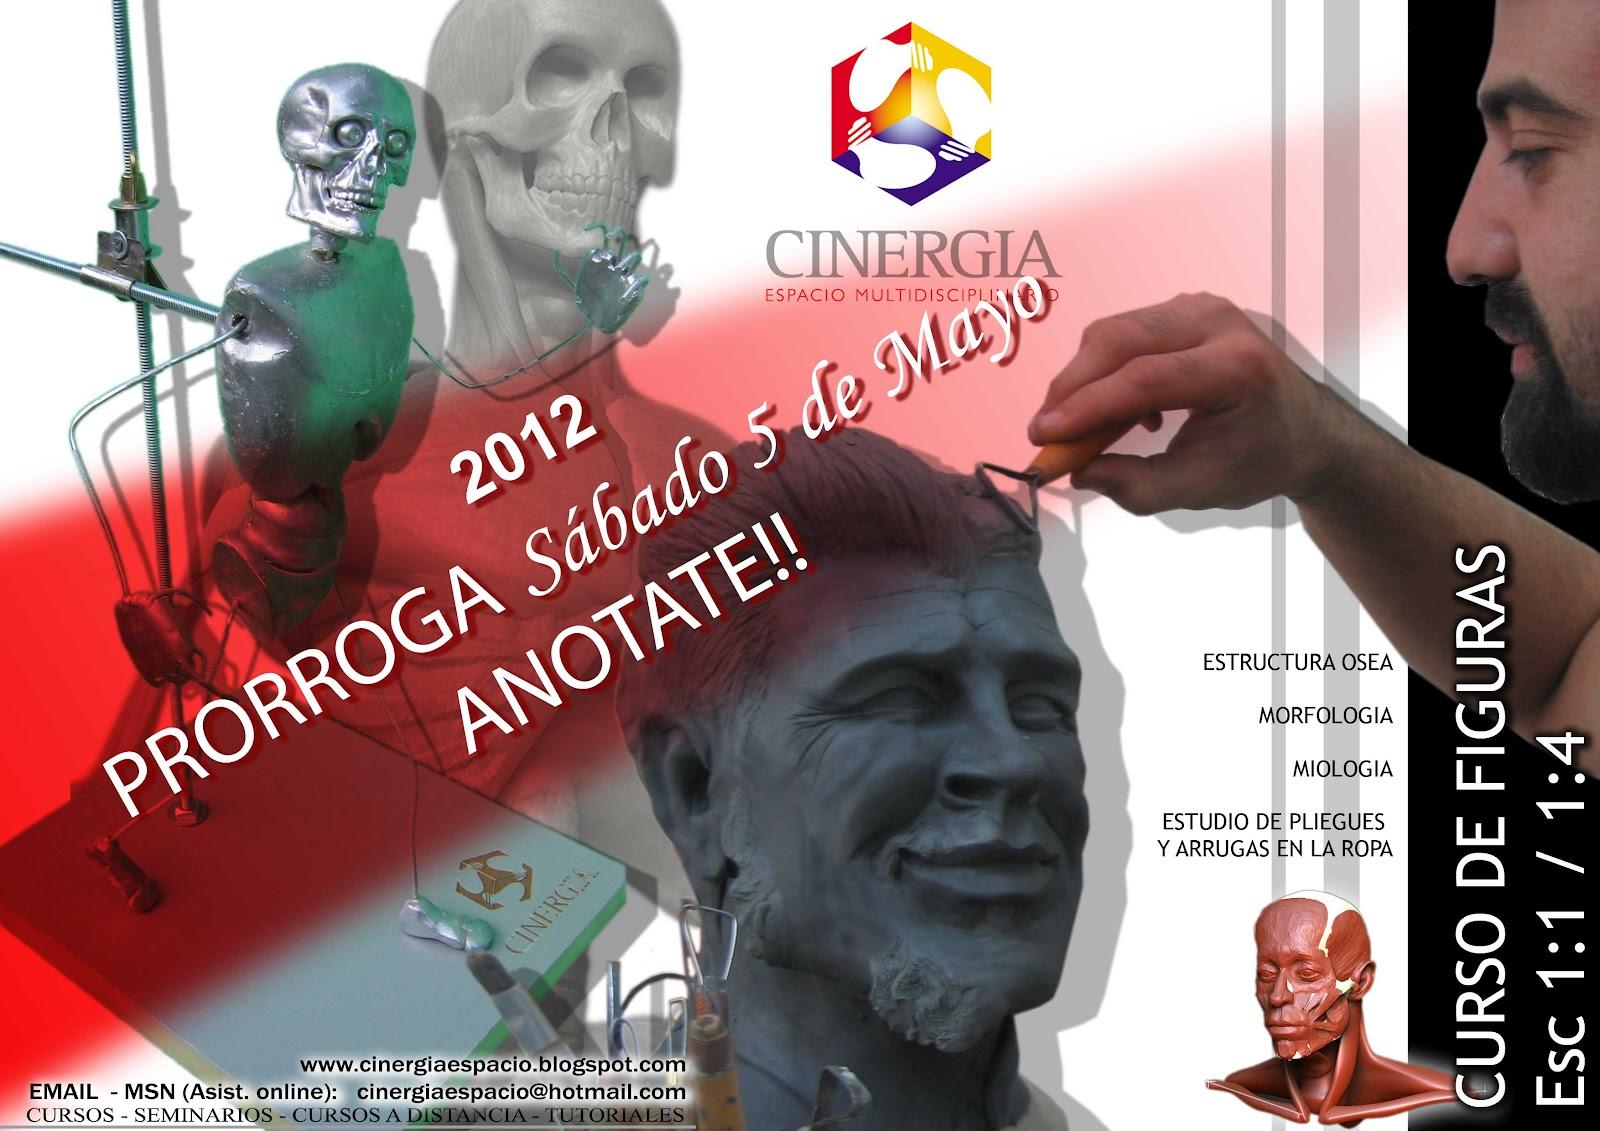 CINERGIA - Espacio de Arte: CURSO DE FIGURAS, ANATOMIA ESCALA 1:1 Y 1:4